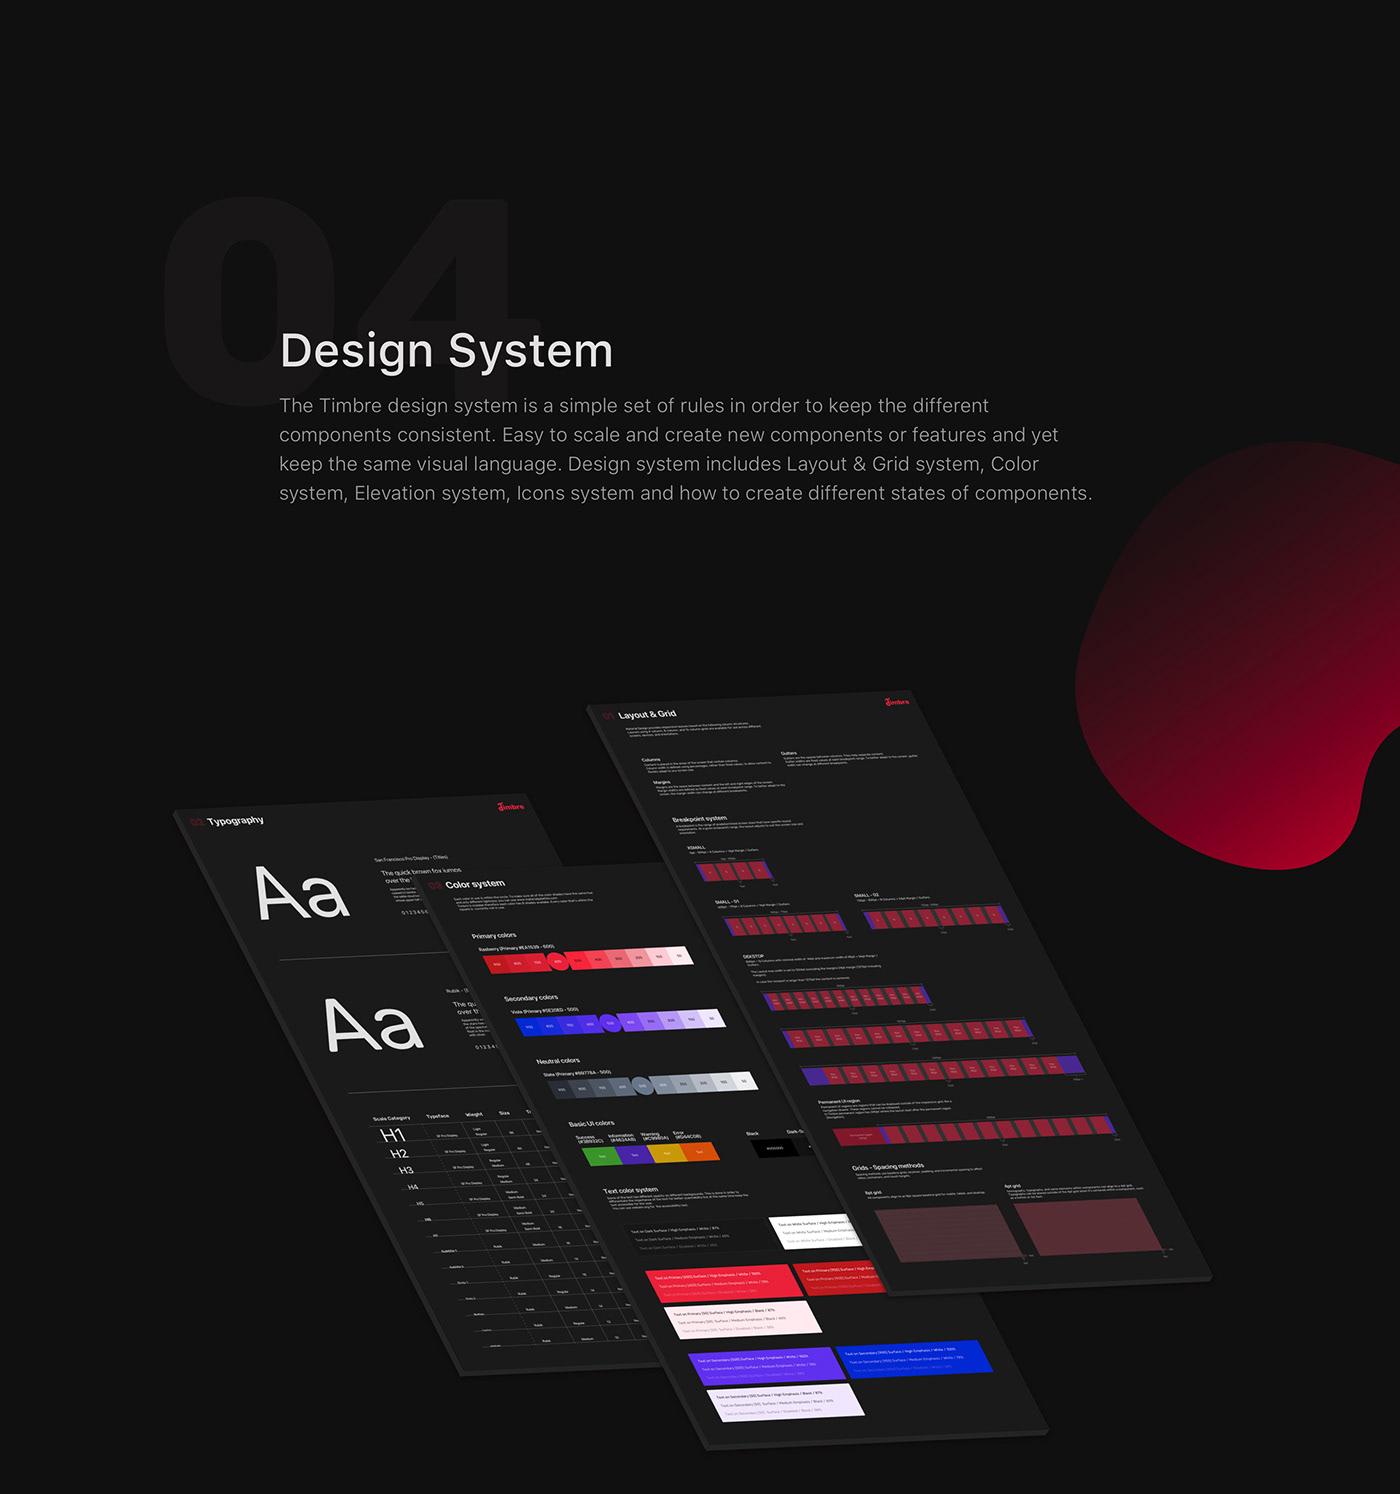 app mobile design music musicapp responsive app sketch timbre UI uikit ux